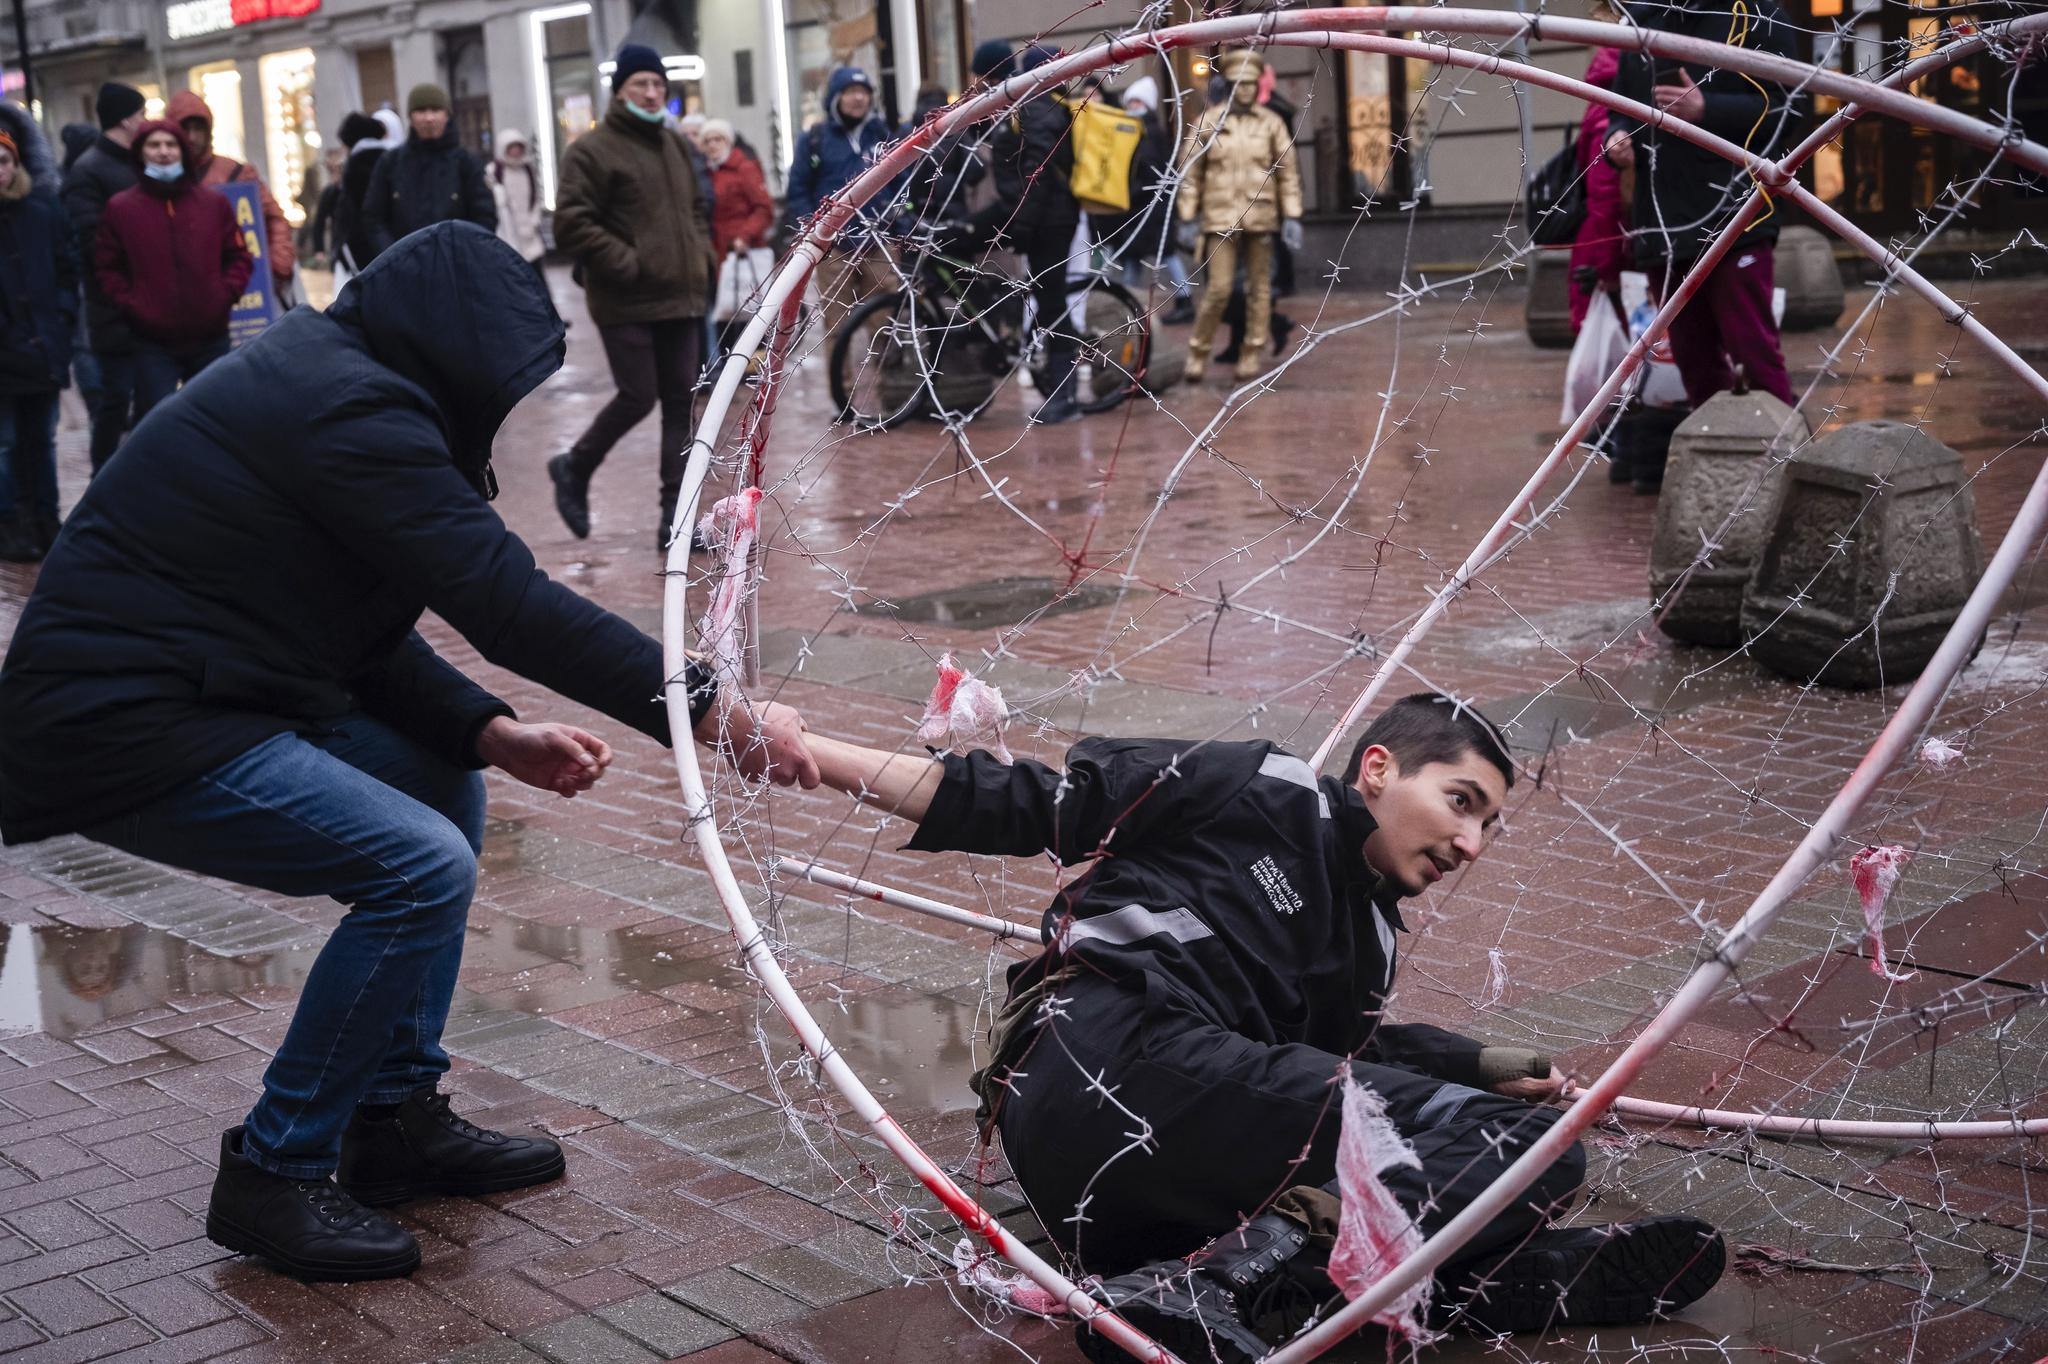 사복 차림의 러시아 경찰이 24일 모스크바에서 야권운동가 나발니의 석방을 요구하는 시위를 벌이던 파벨 크리세비치를 체포하고 있다. 크리세비치는 철조망 속에 자신을 가두는 퍼포먼스를 벌이던 도중 체포됐다. [AP=연합뉴스]